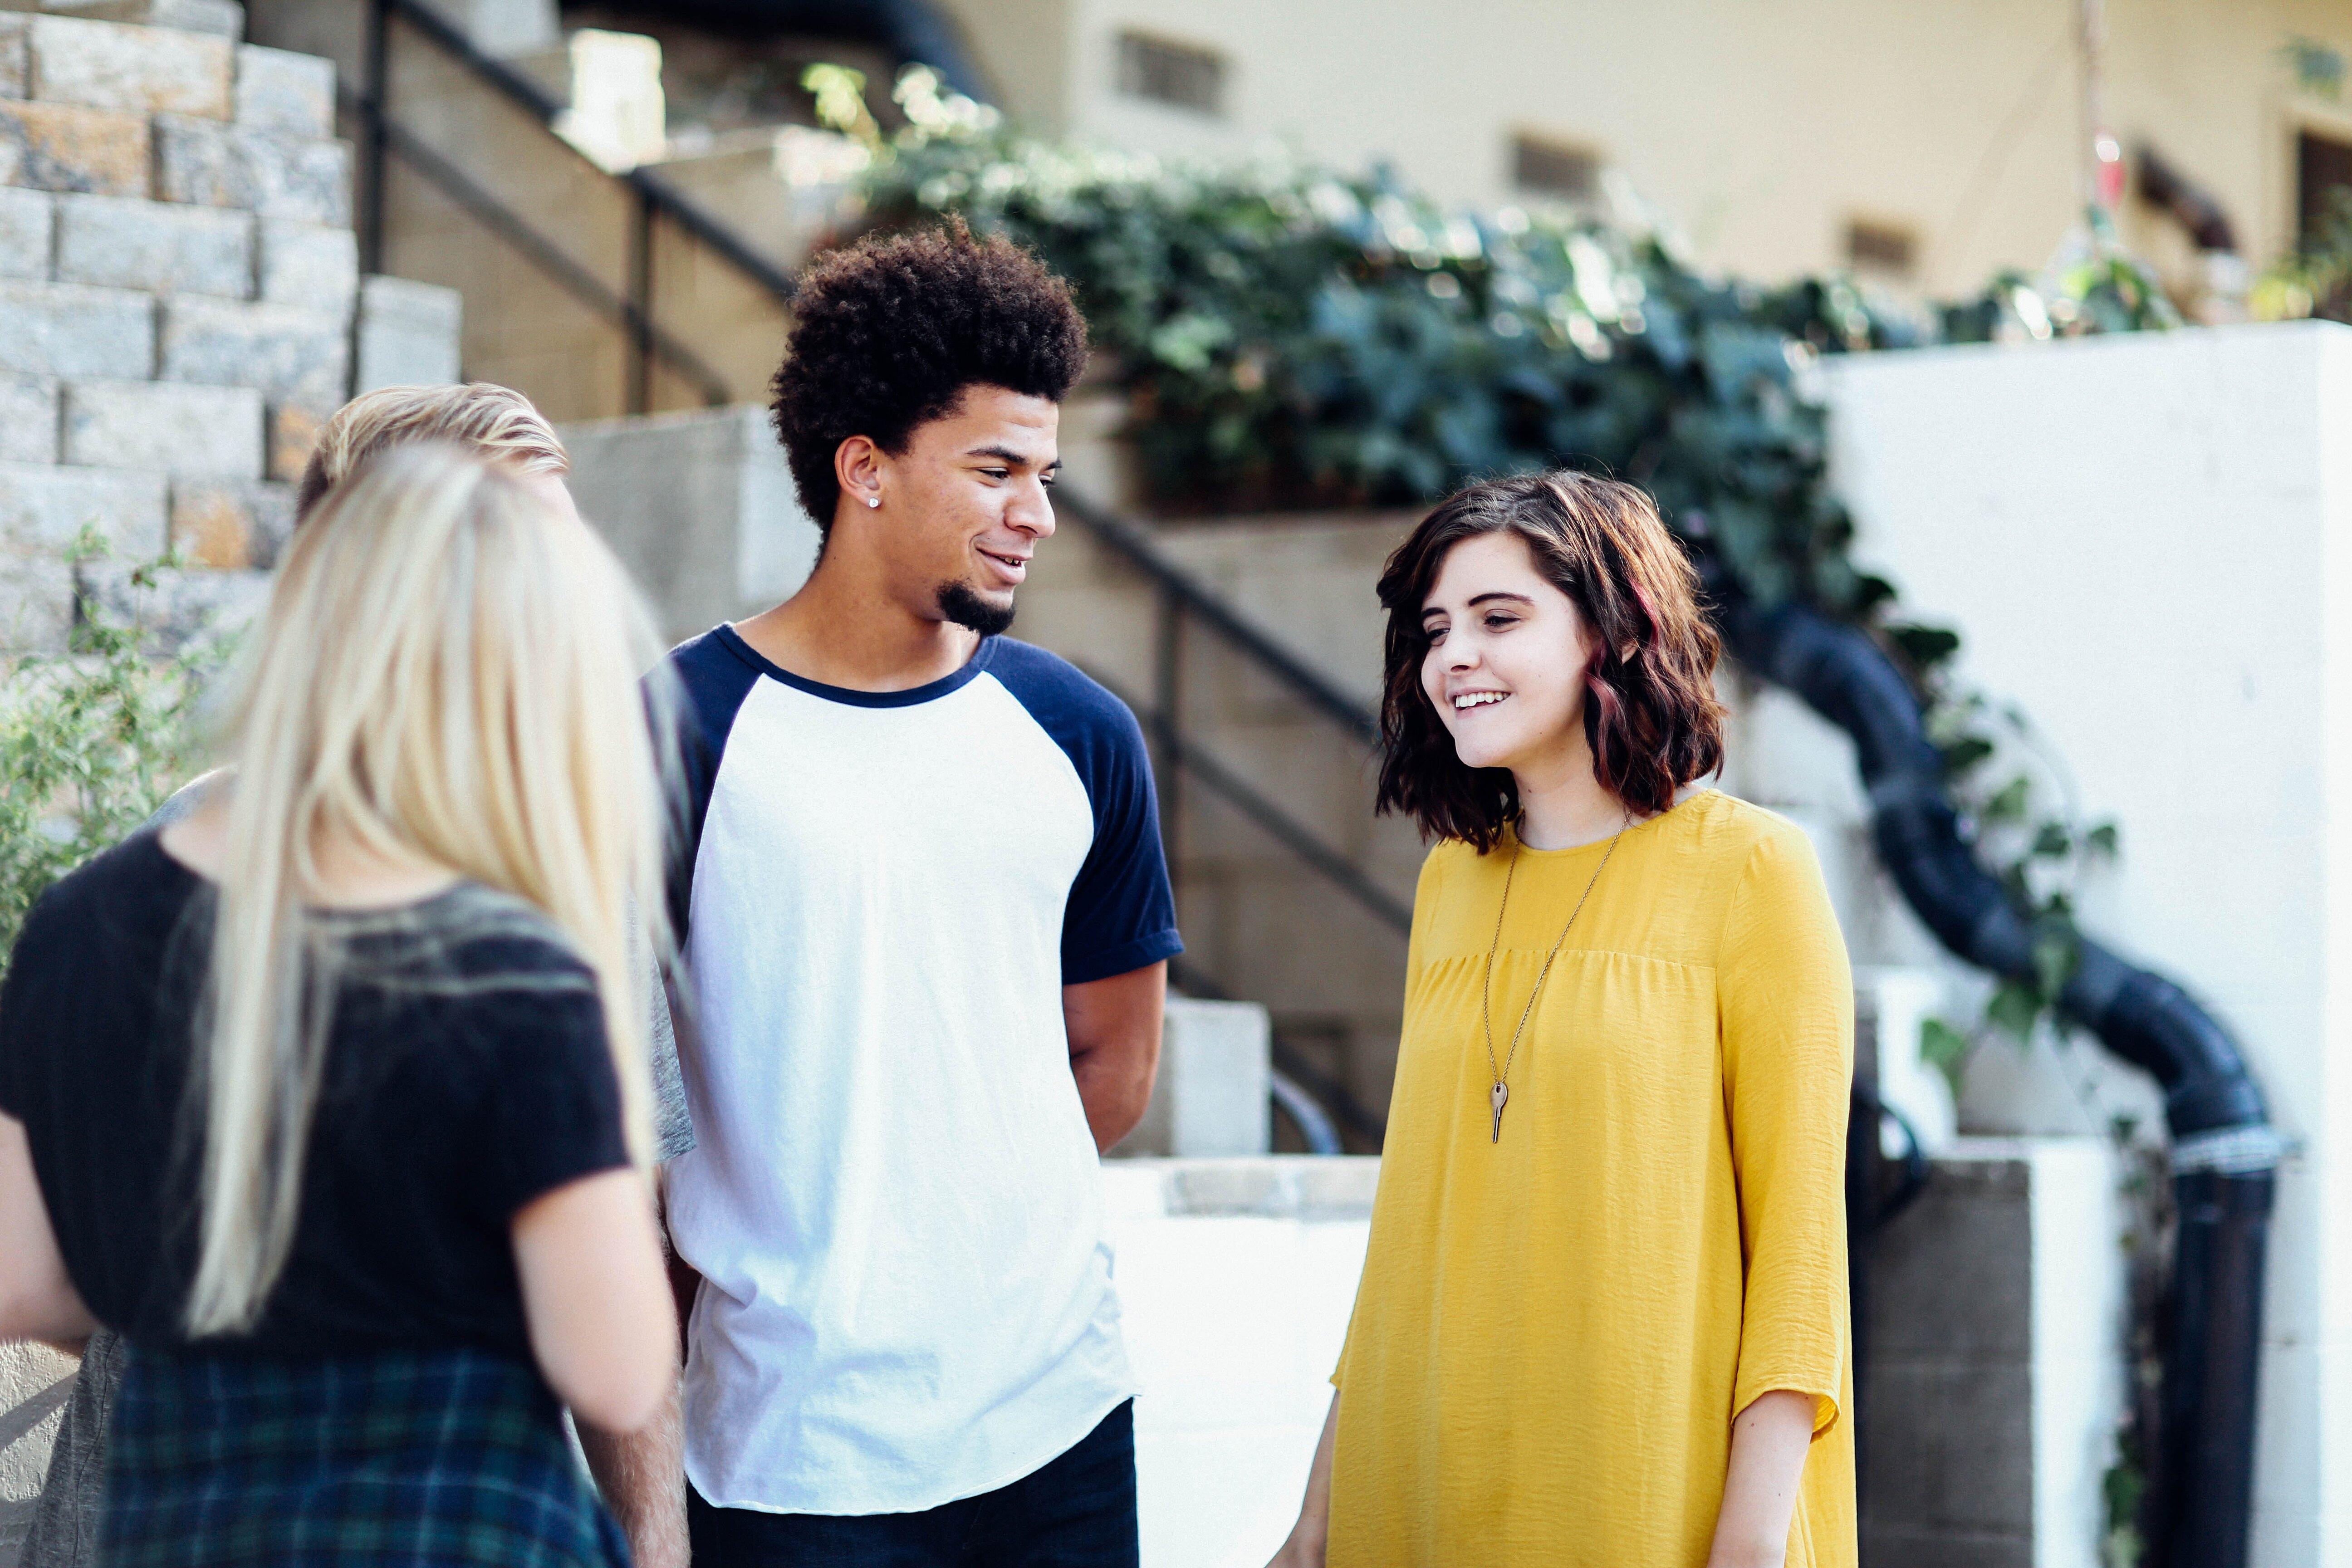 Drei junge Menschen unterhalten sich vor einem Haus